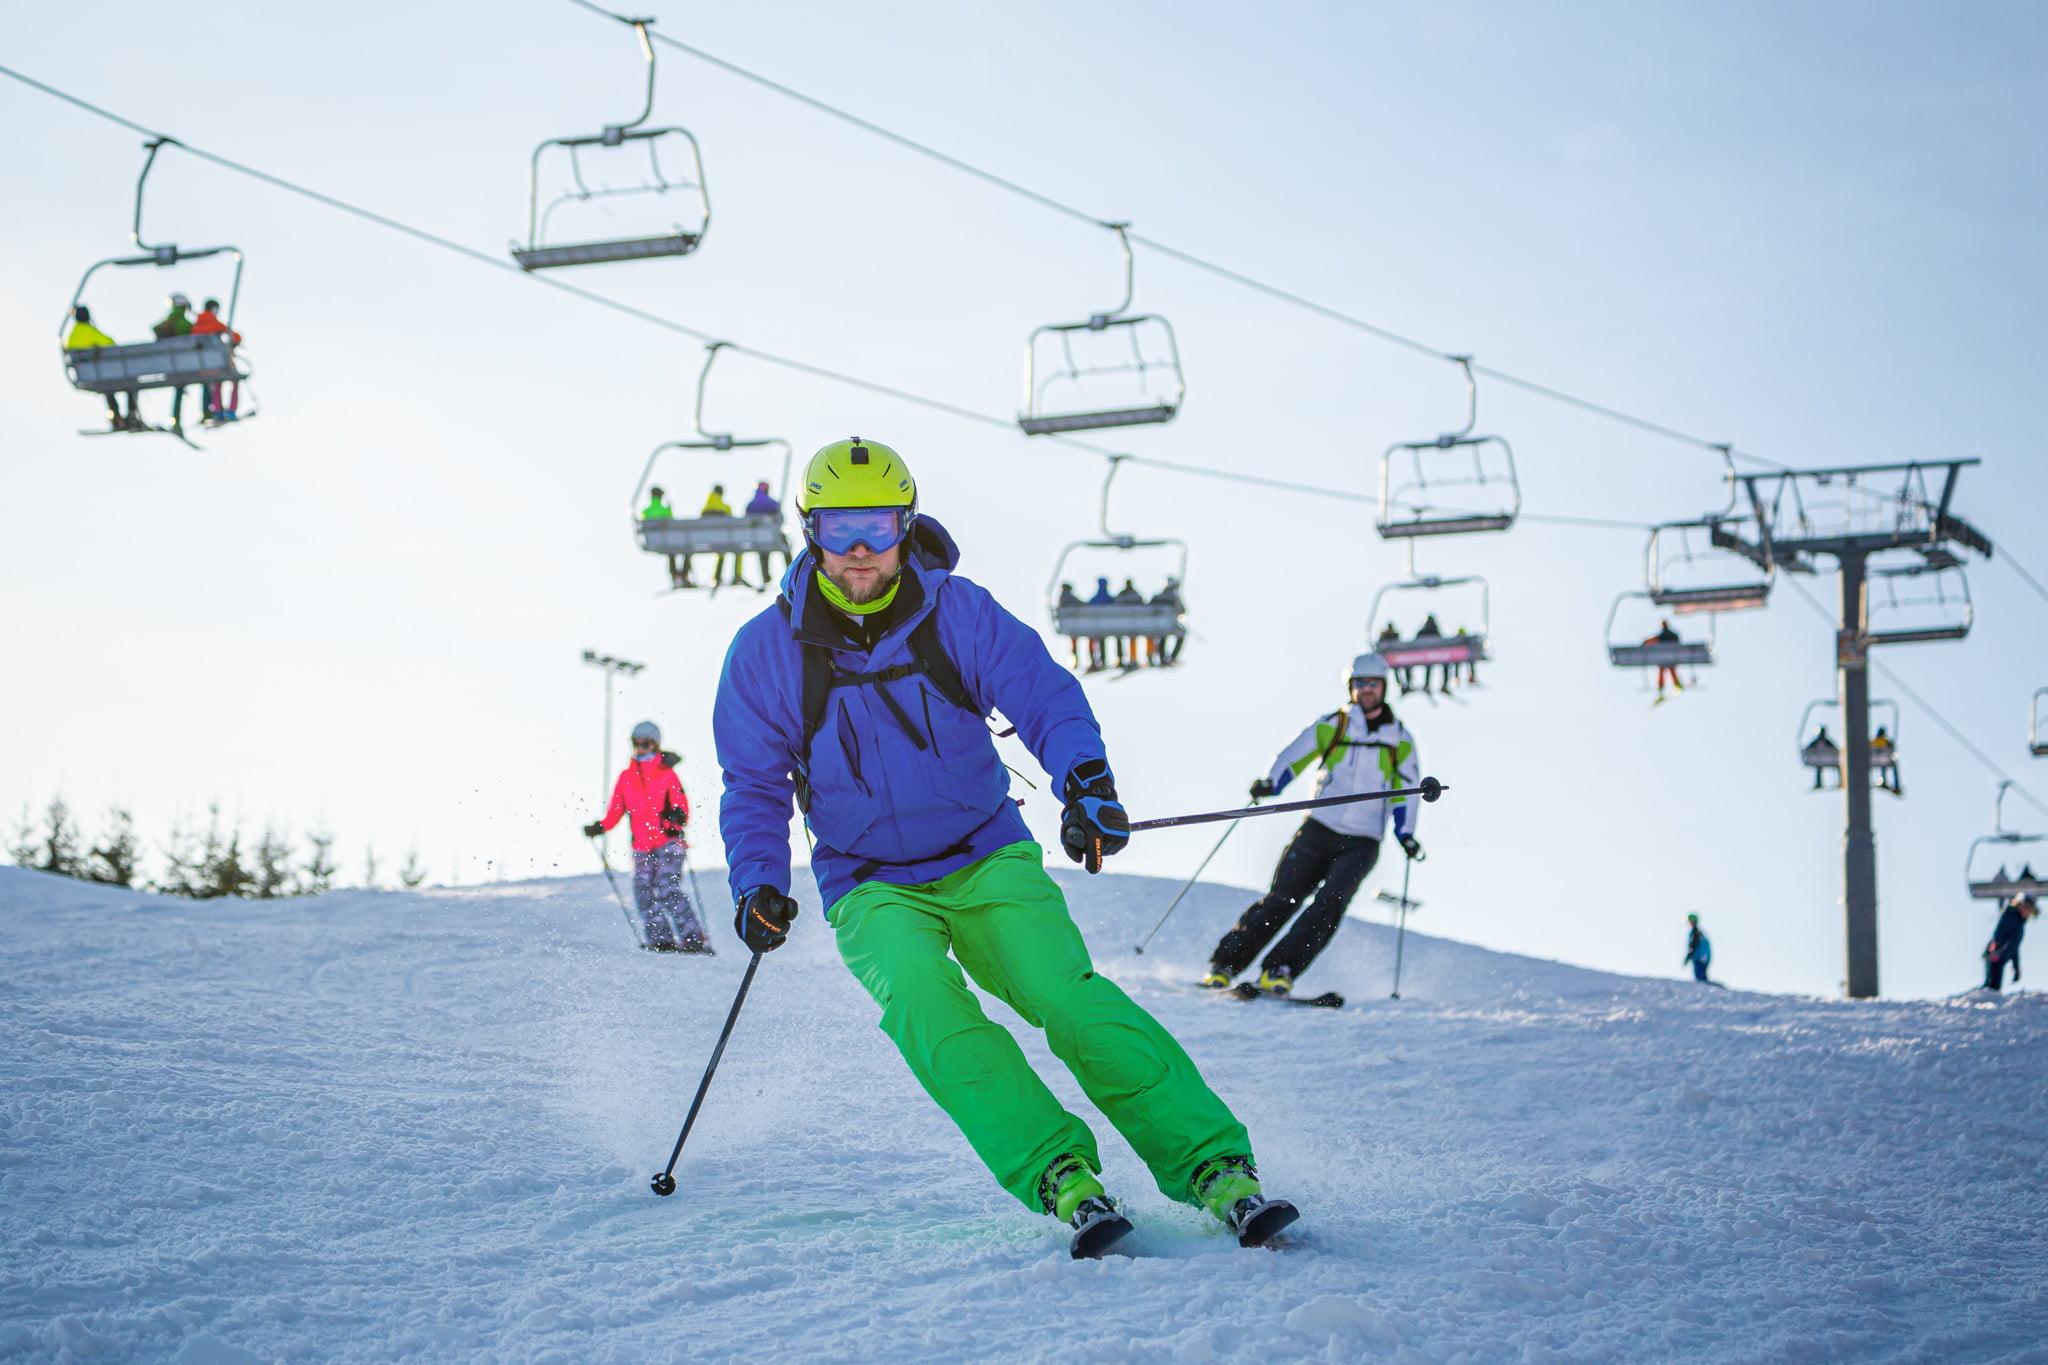 Szkoła narciarska - jazda na nartach